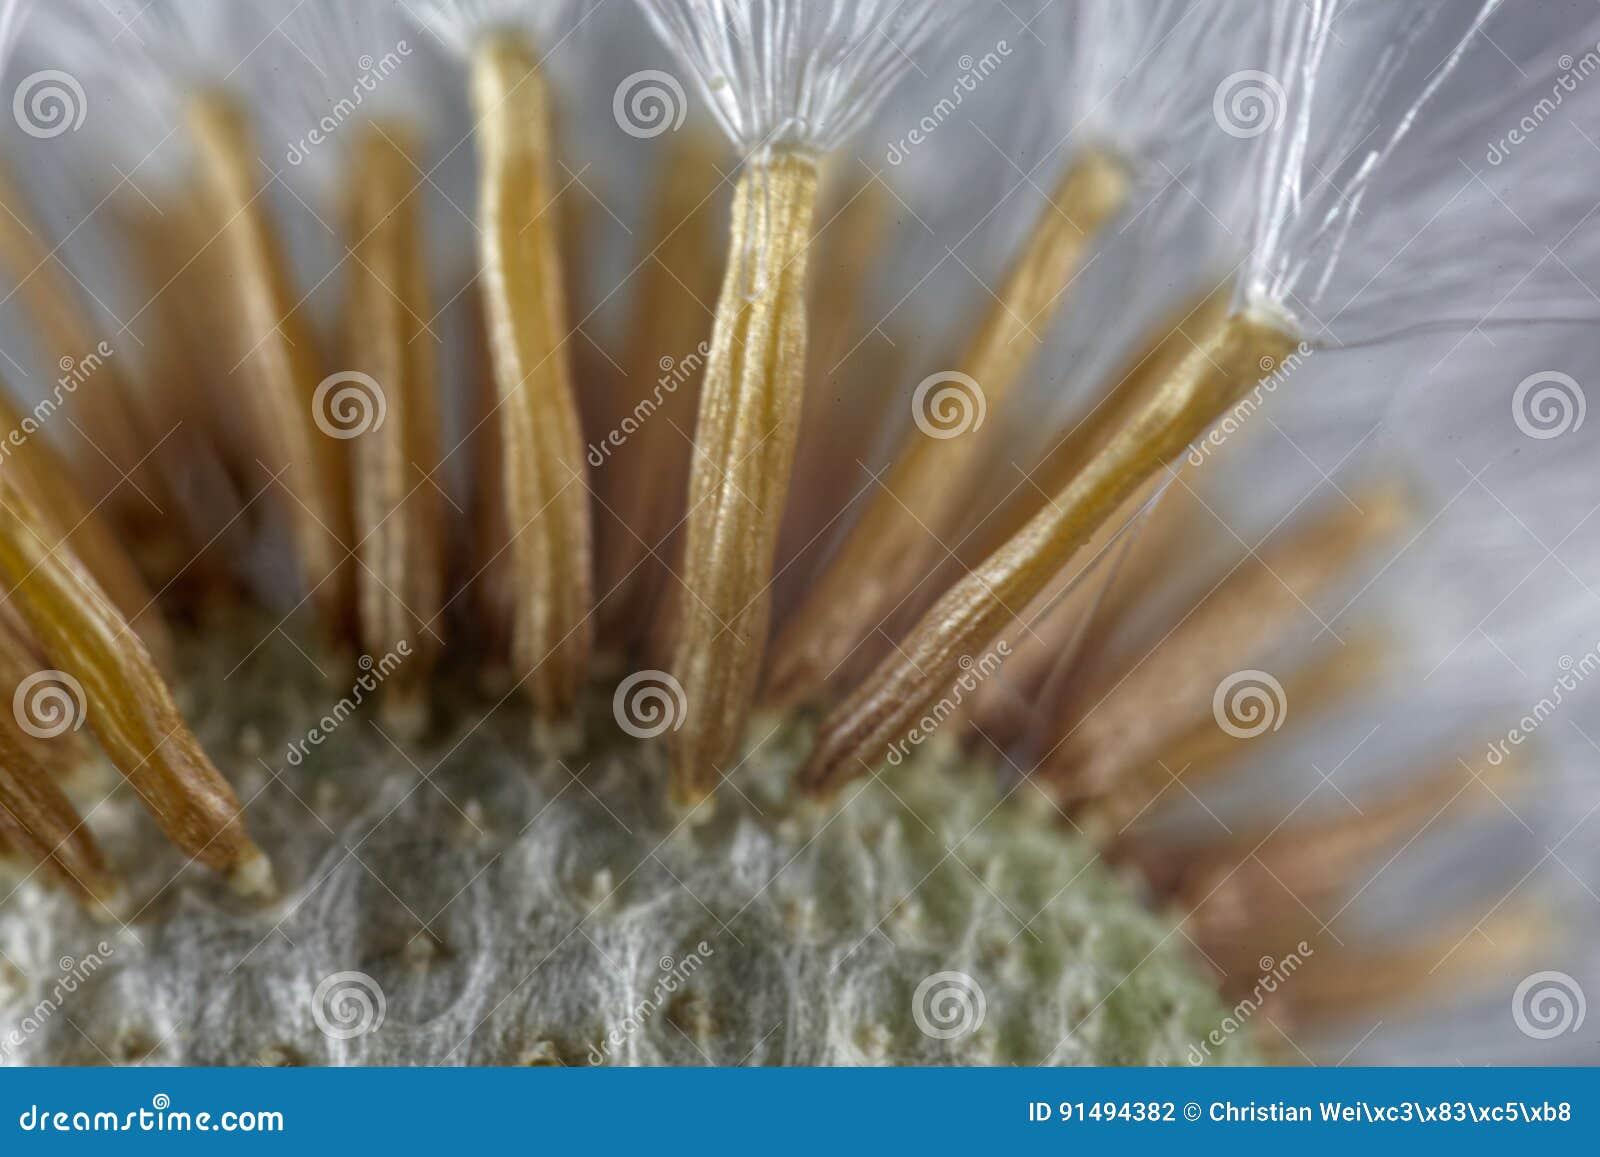 Samen eines coltsfoot blühen unter einem mikroskop stockfoto